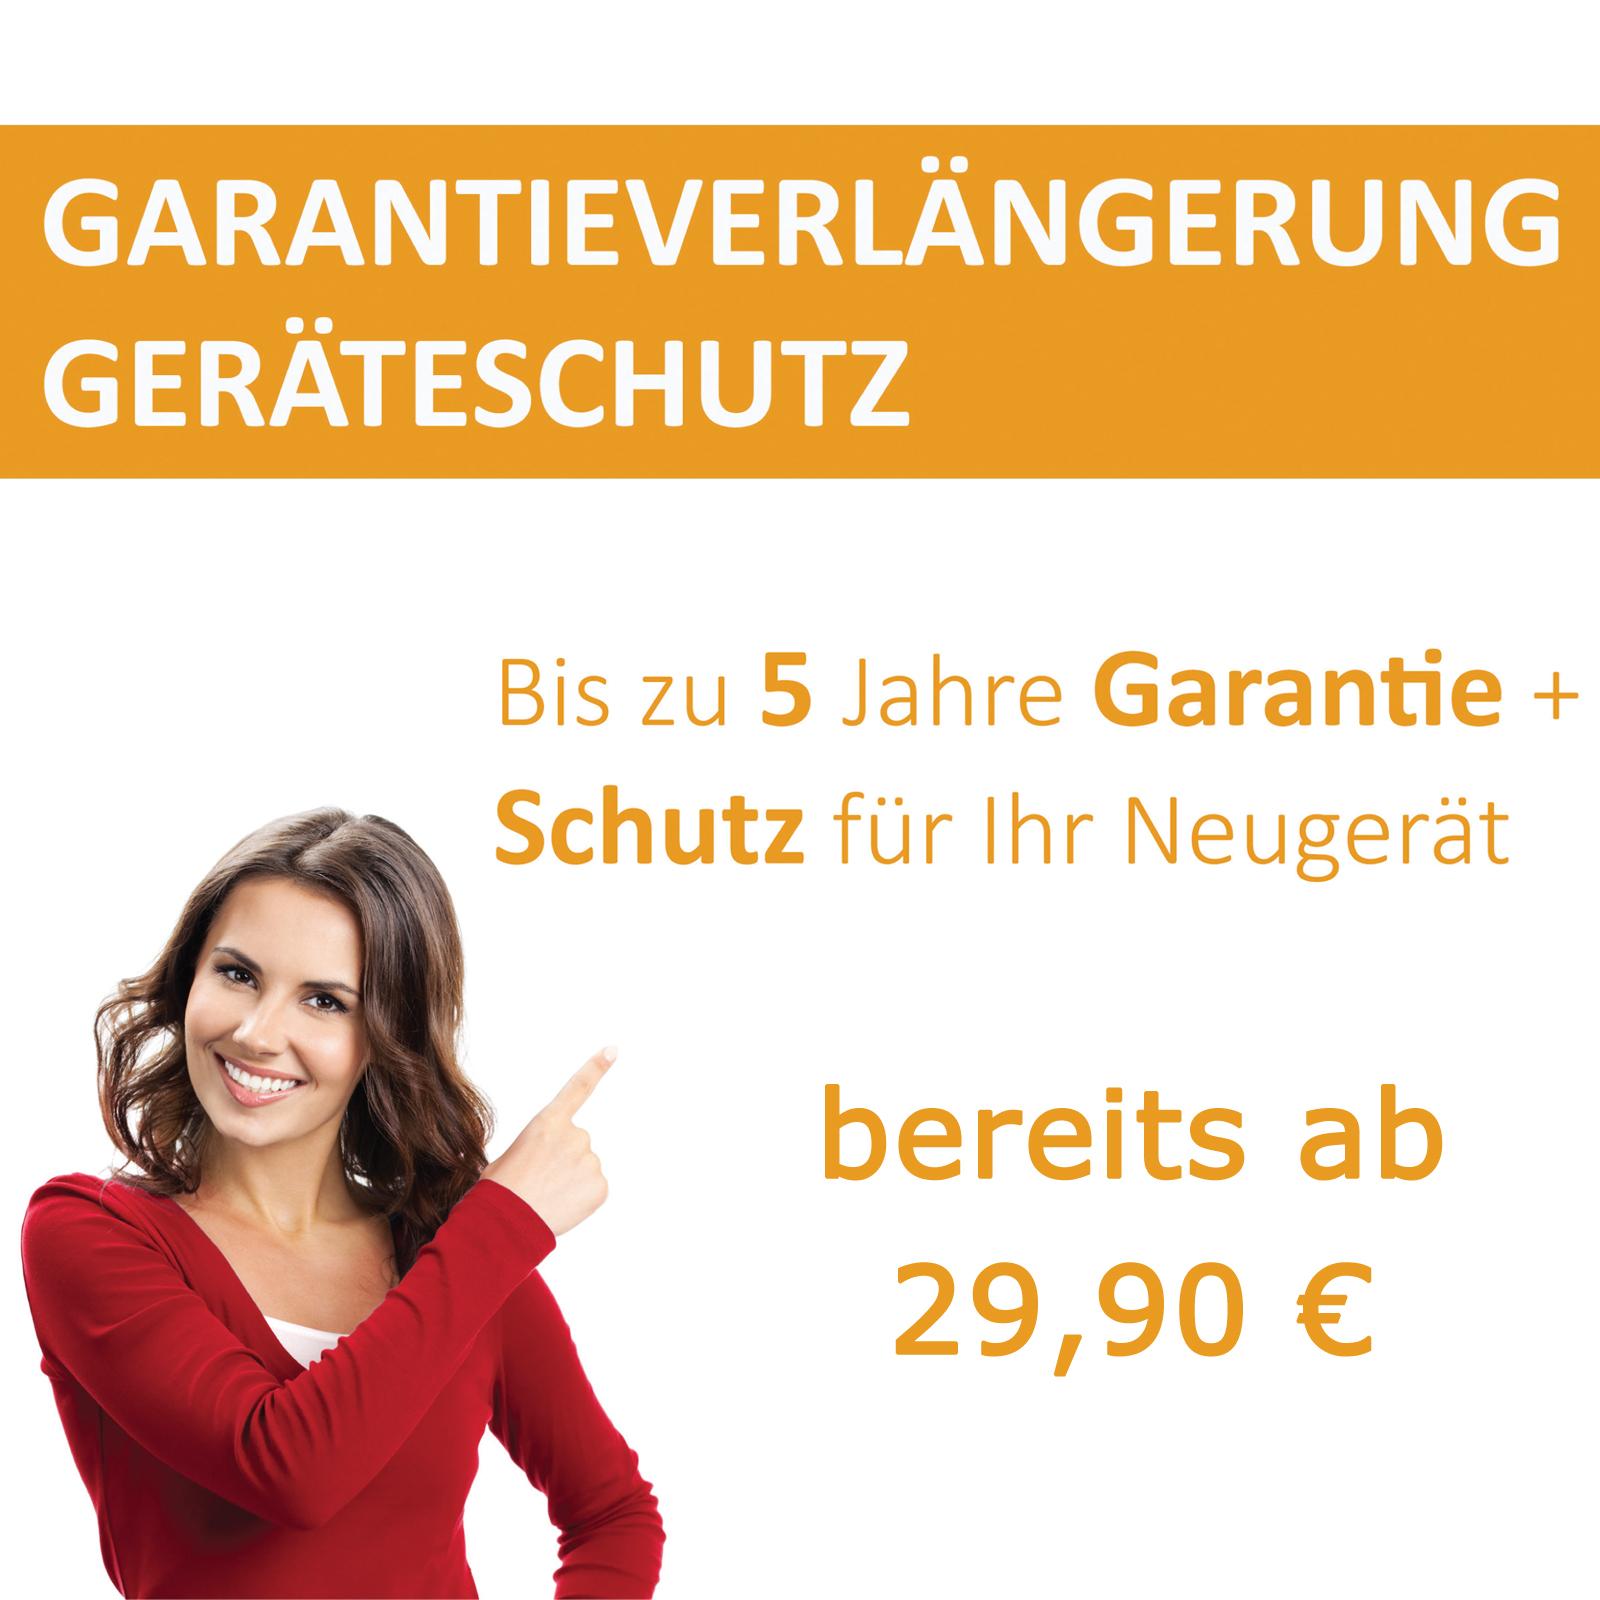 Garantieverlängerung für Geräte bis 1.000,- € inkl. MwSt.